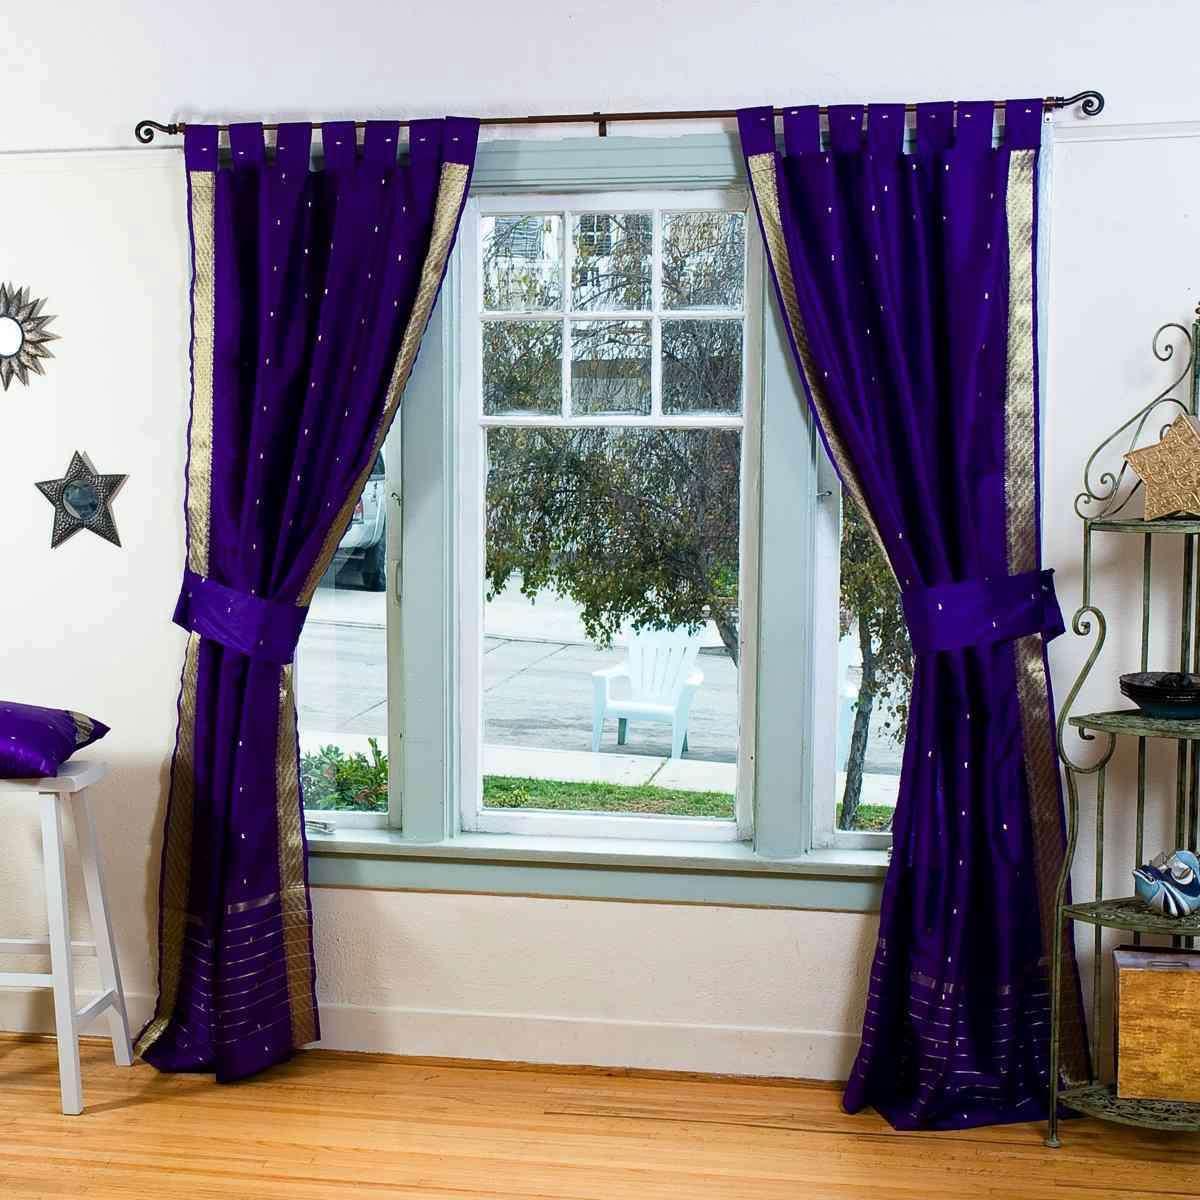 3 Purple Tab Top Sari Curtain (43 In. X 84 In.) - 6 Matching Tieback